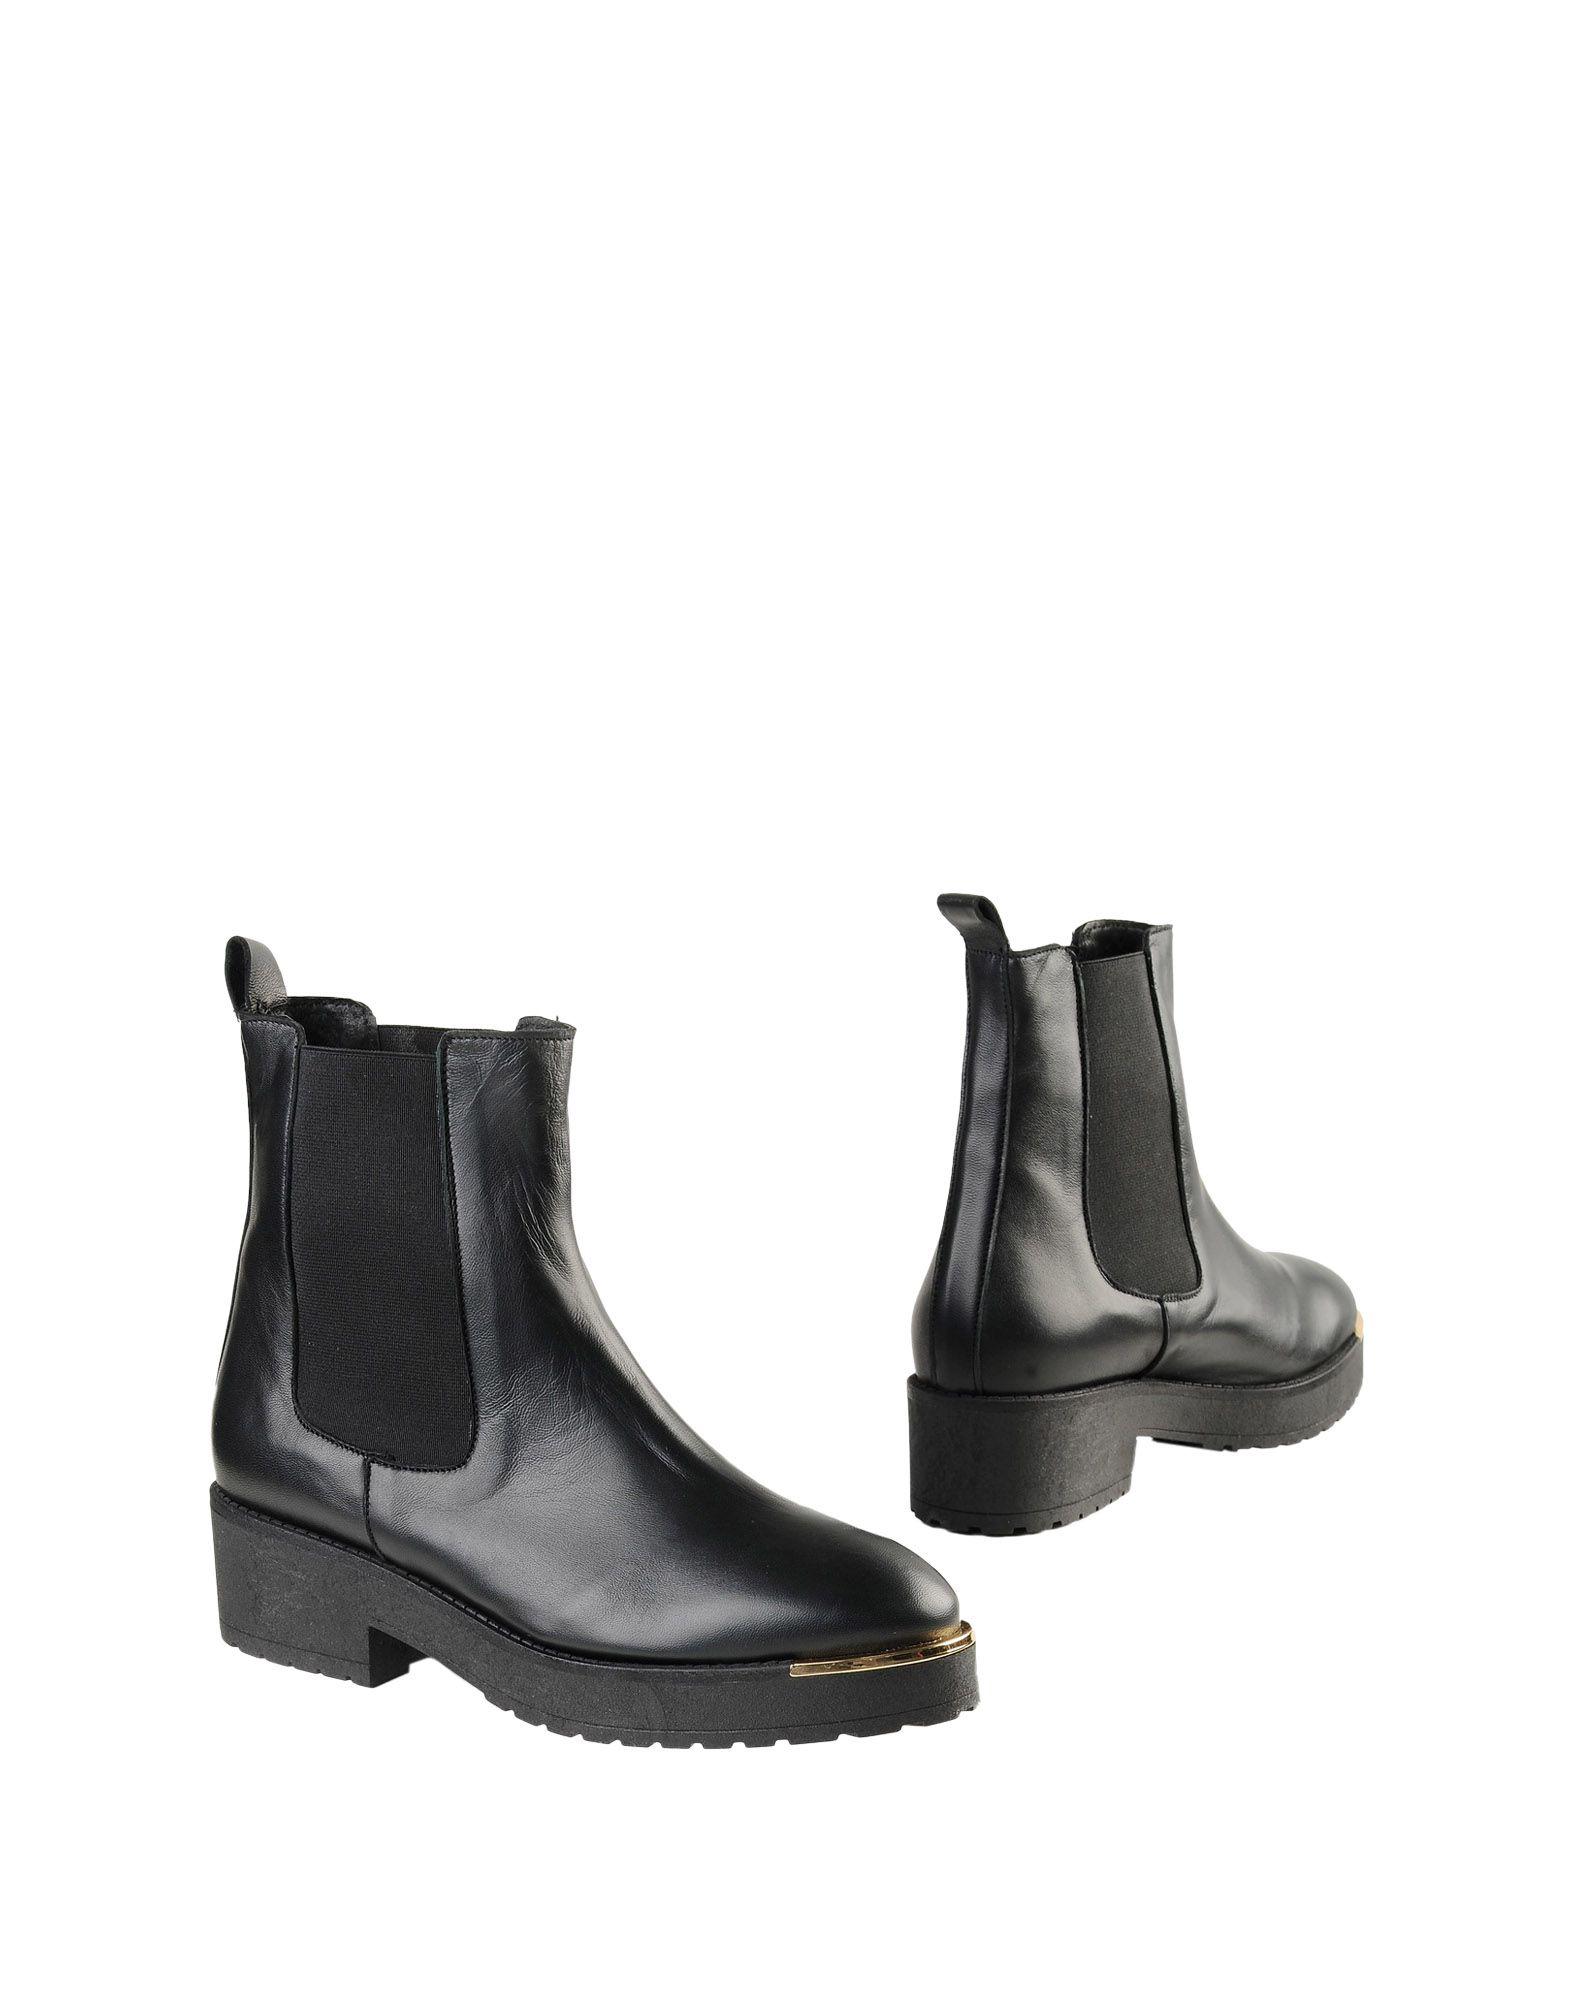 《送料無料》FABRIZIO CHINI レディース ショートブーツ ブラック 35 牛革(カーフ) / 紡績繊維